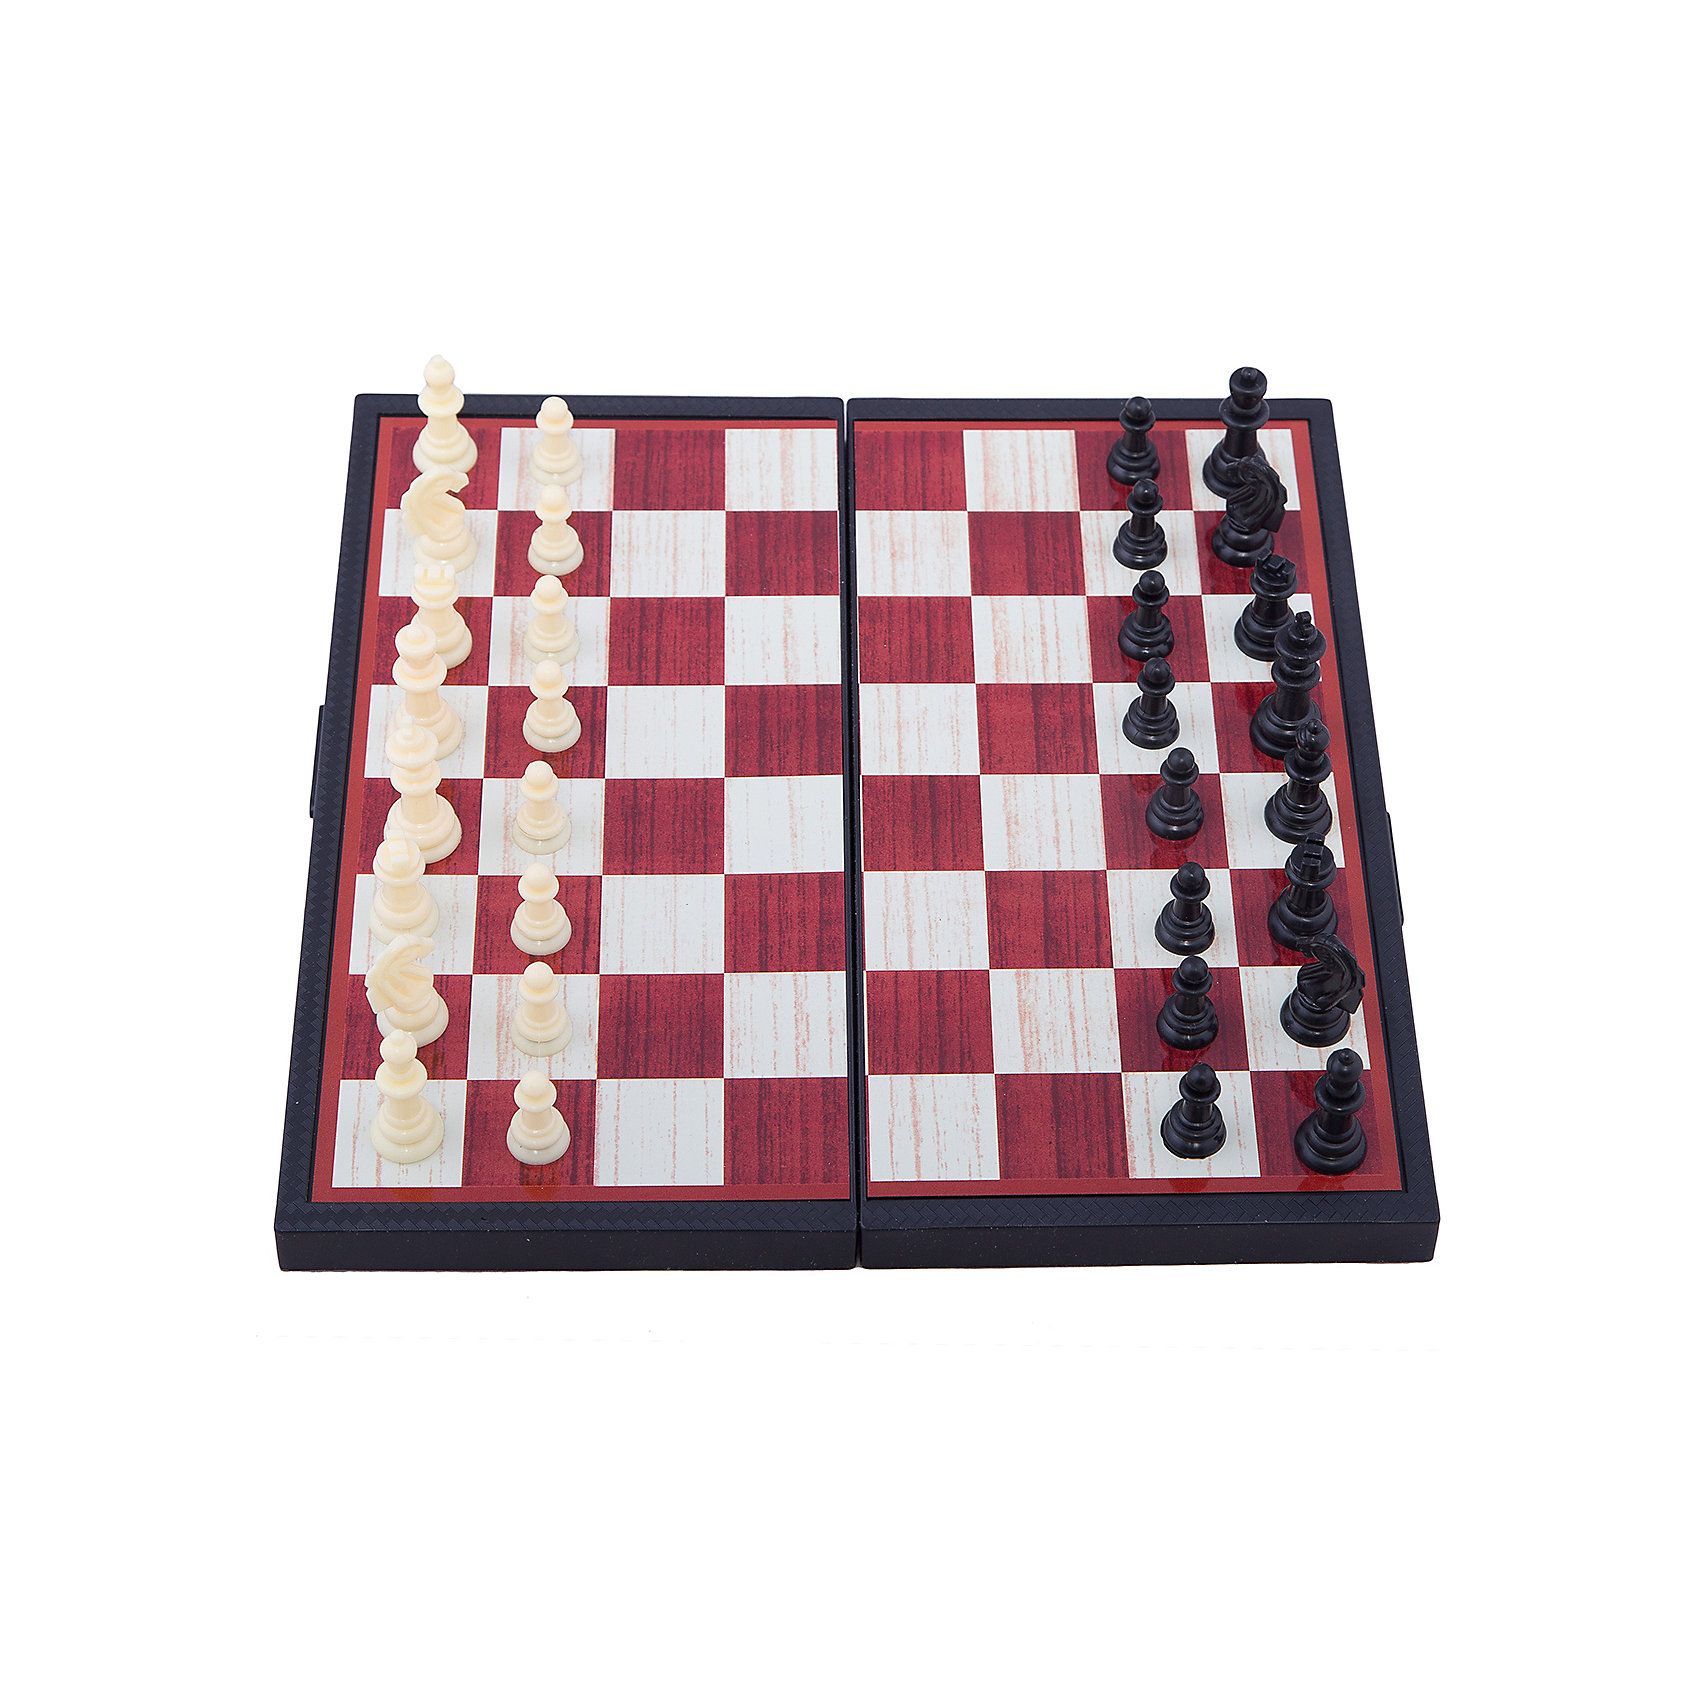 Играем вместе Магнитные шахматы 3-в-1: шахматы, шашки, нарды, Играем вместе дорожные шахматы